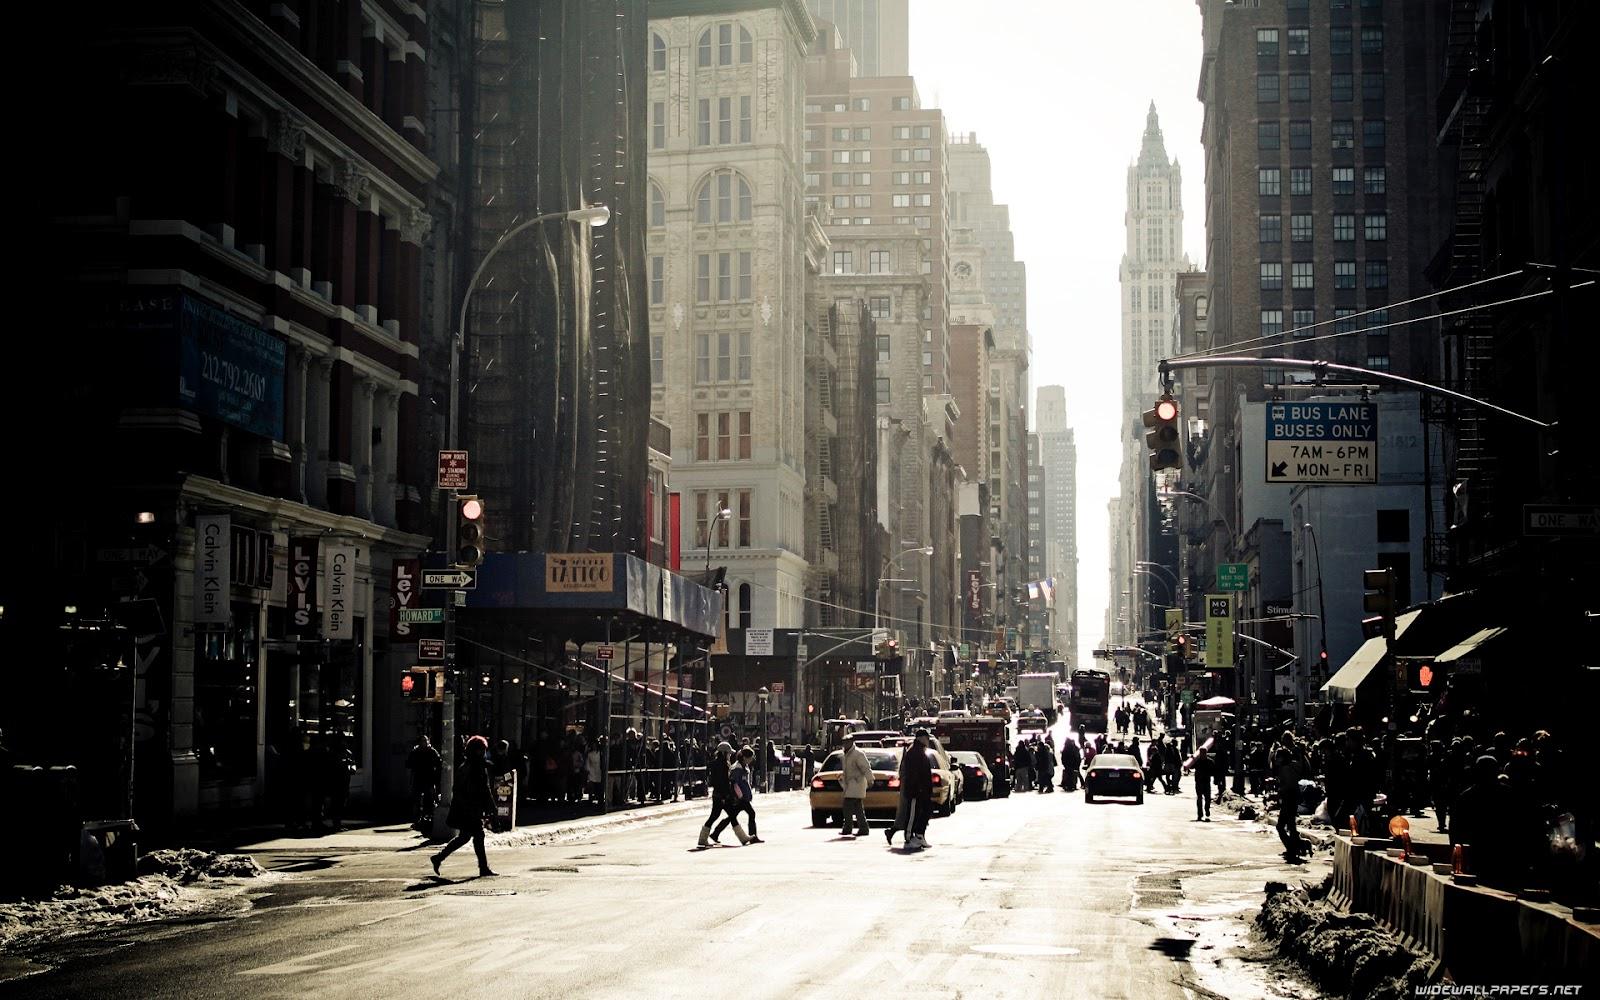 newyork hd wallpapers ~ top best hd wallpapers for desktop